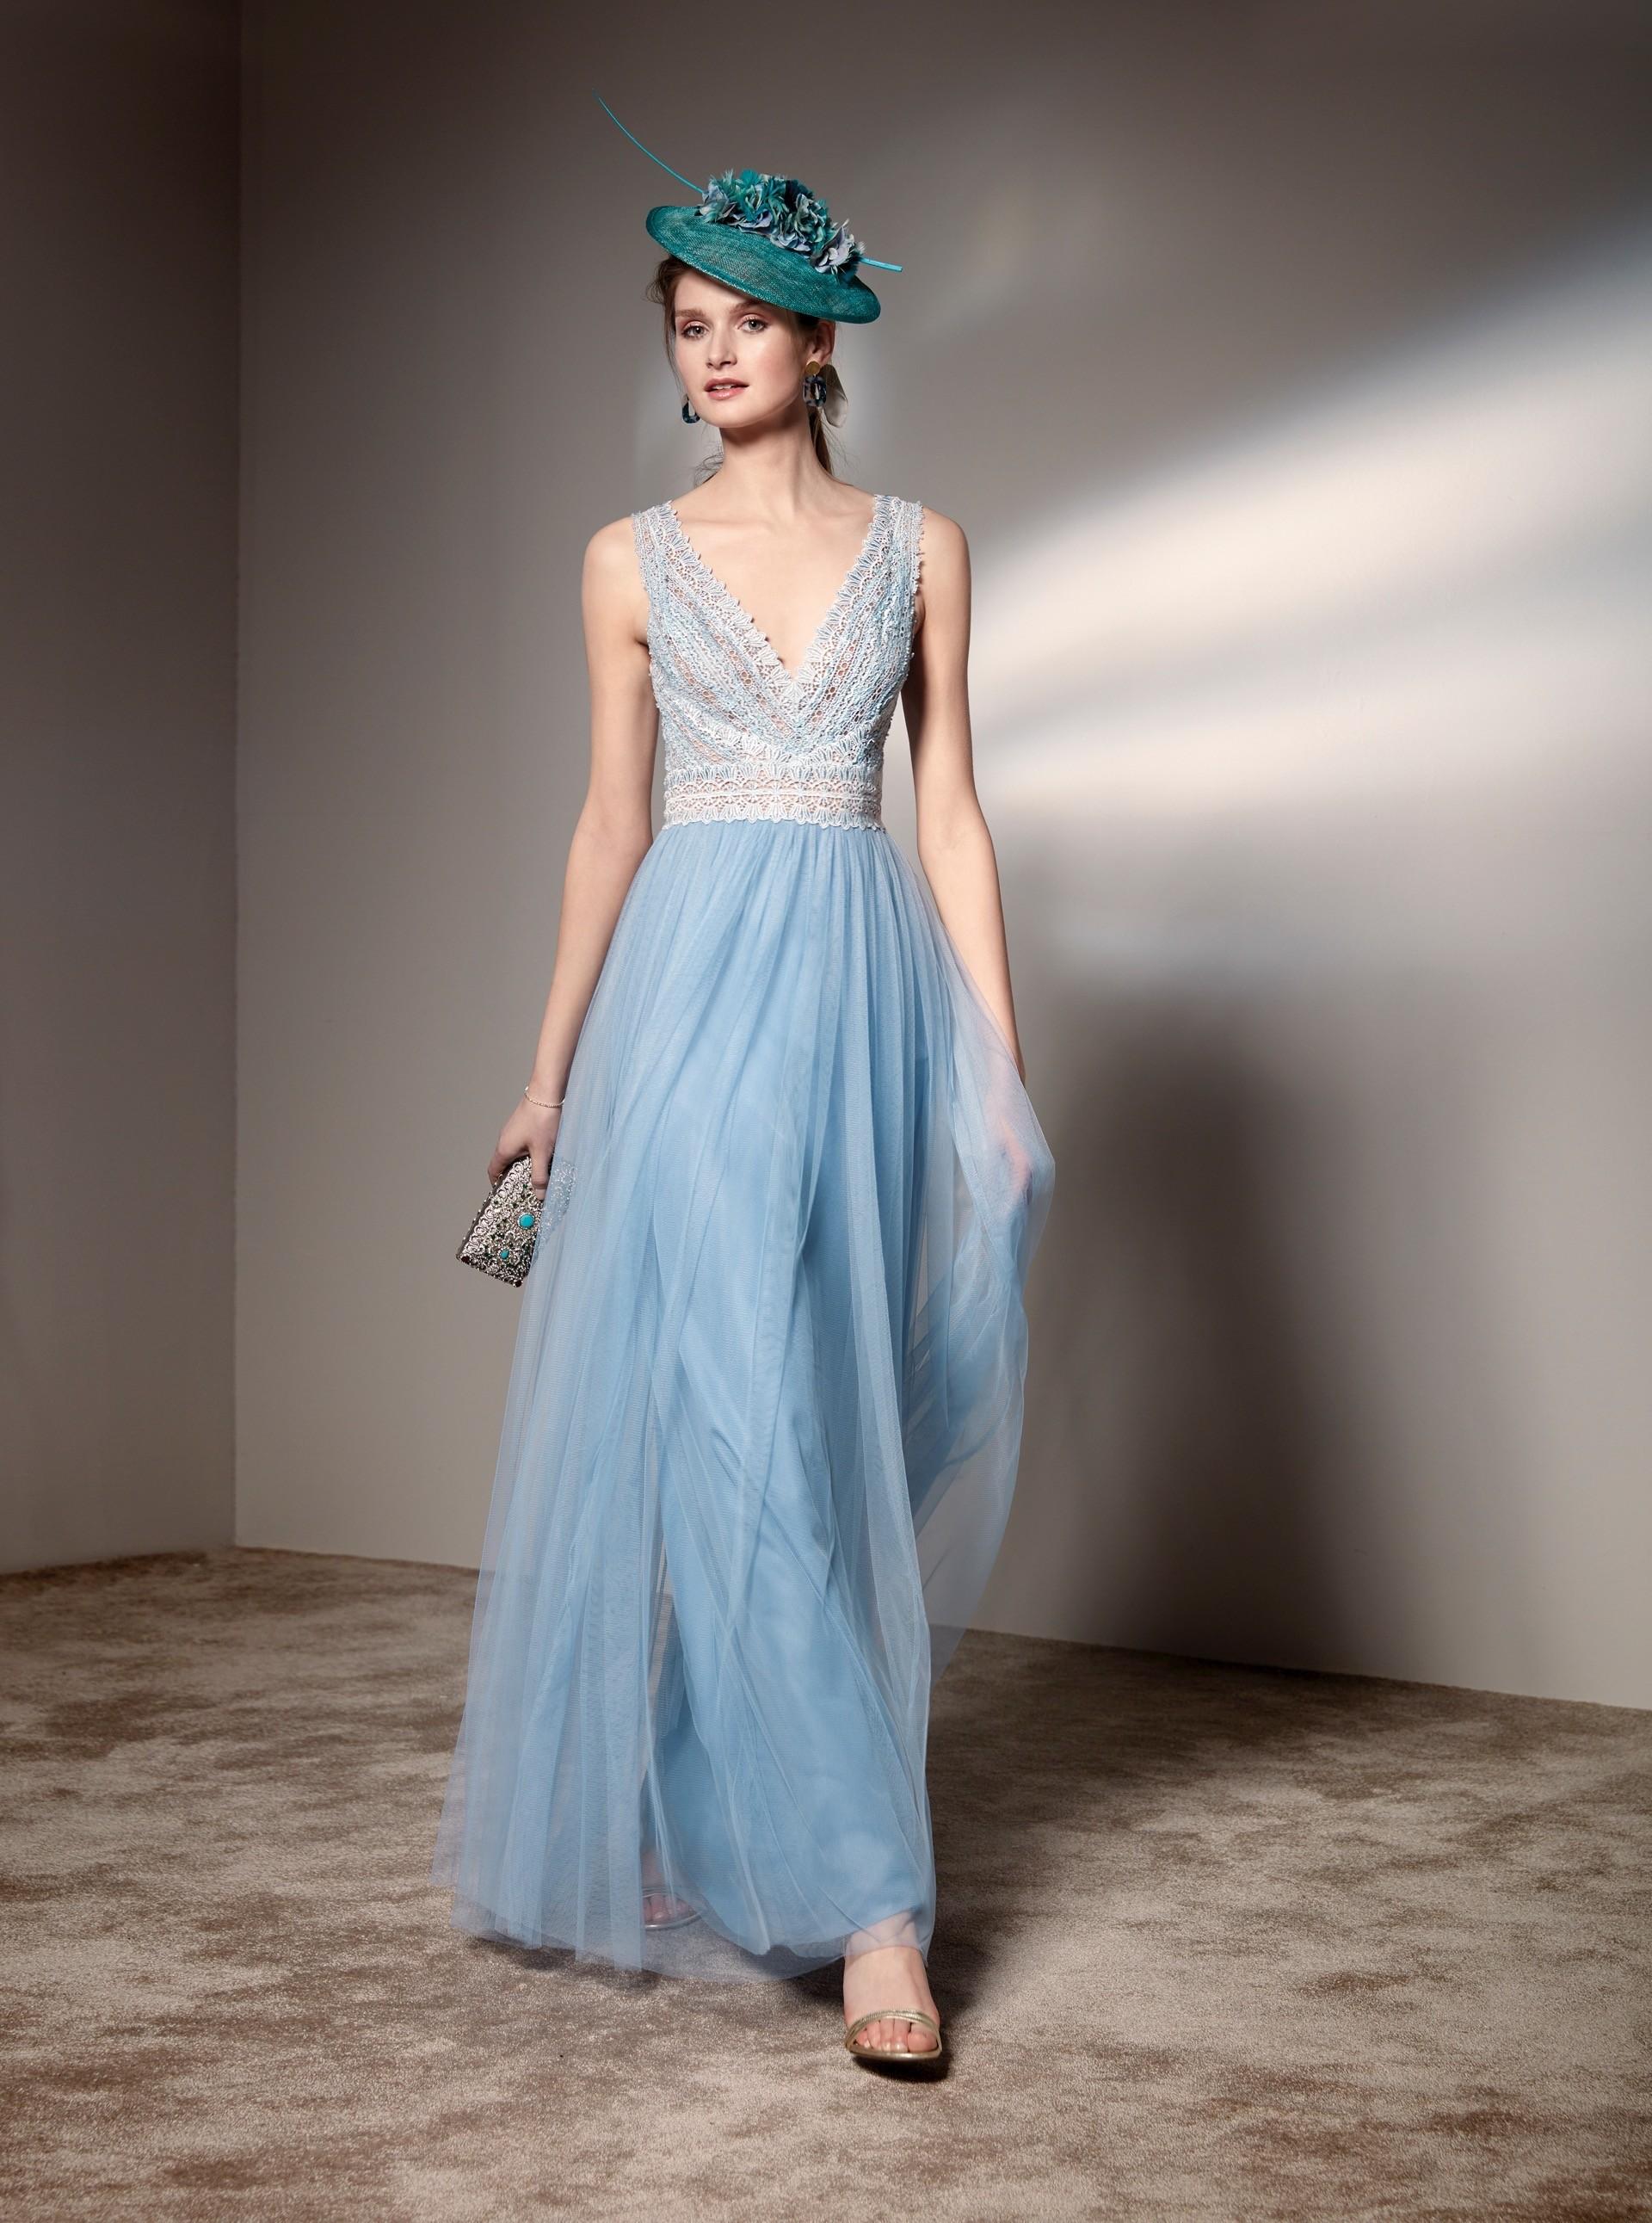 Langes Kleid mit V-Ausschnitt und Tüllrock von Fara Fiesta in Blau